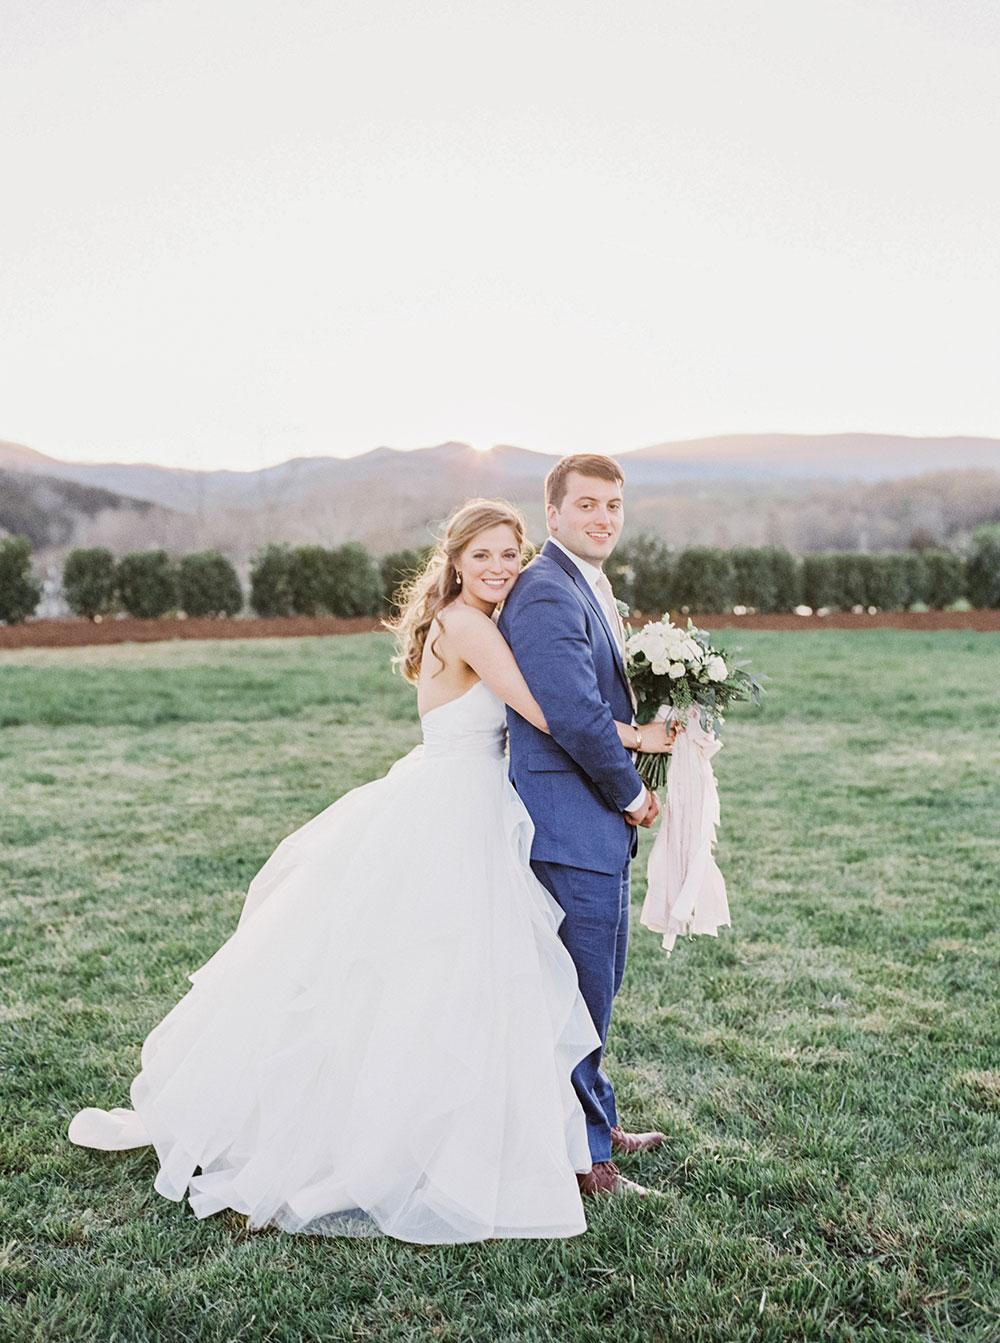 You are currently viewing Locul potrivit pentru nunta ta, targul de nunta!